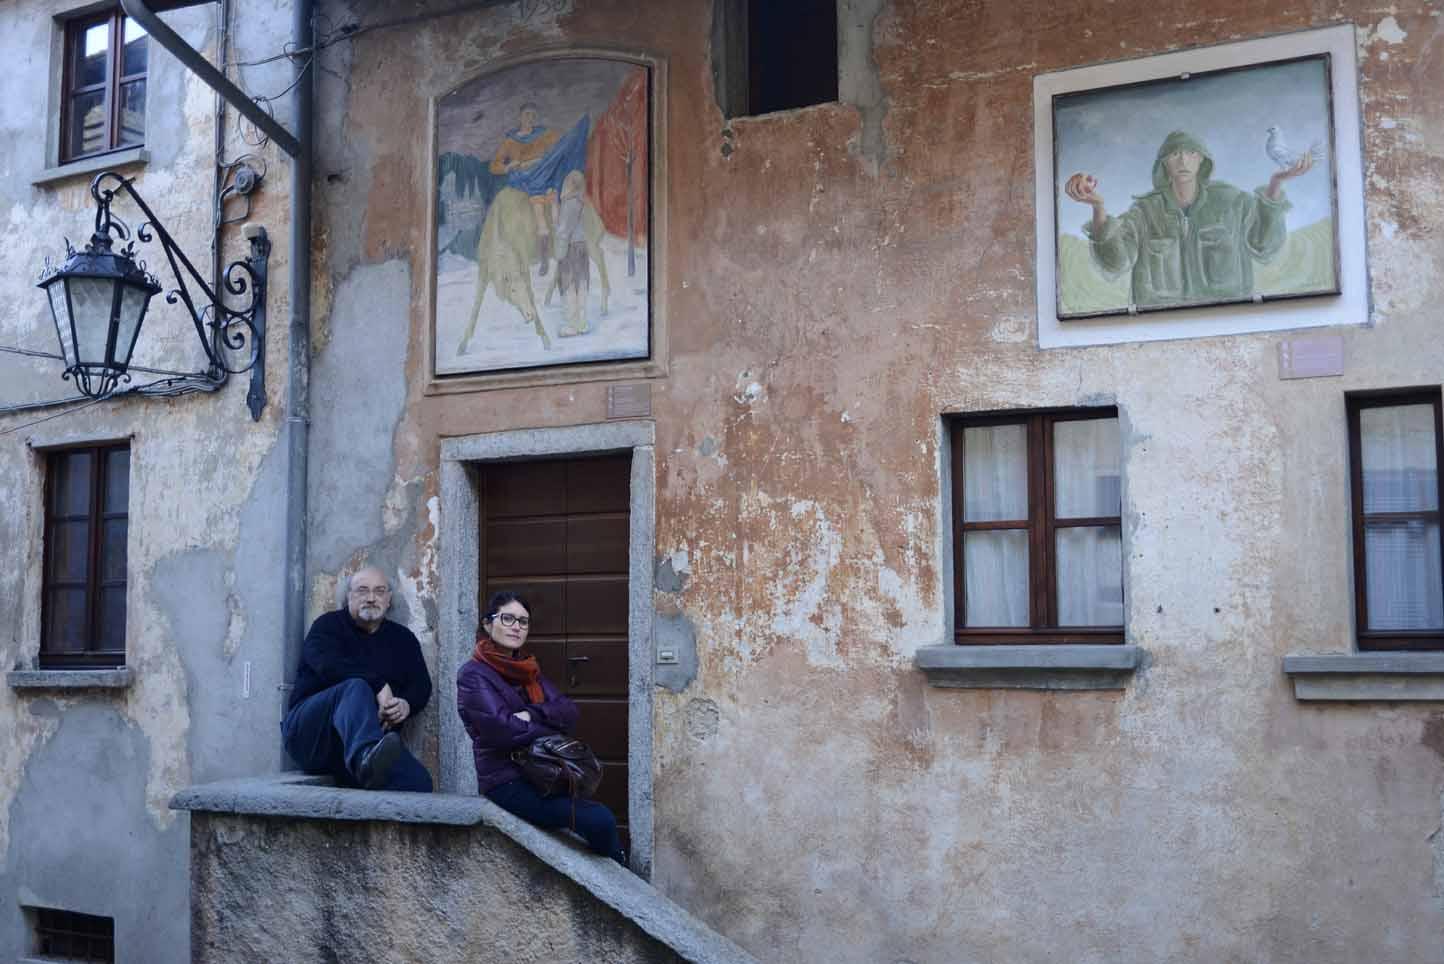 Arcumeggia e la prima galleria all'aperto <br />in Italia. Non dimentichiamo <br />un borgo pilota per l'arte